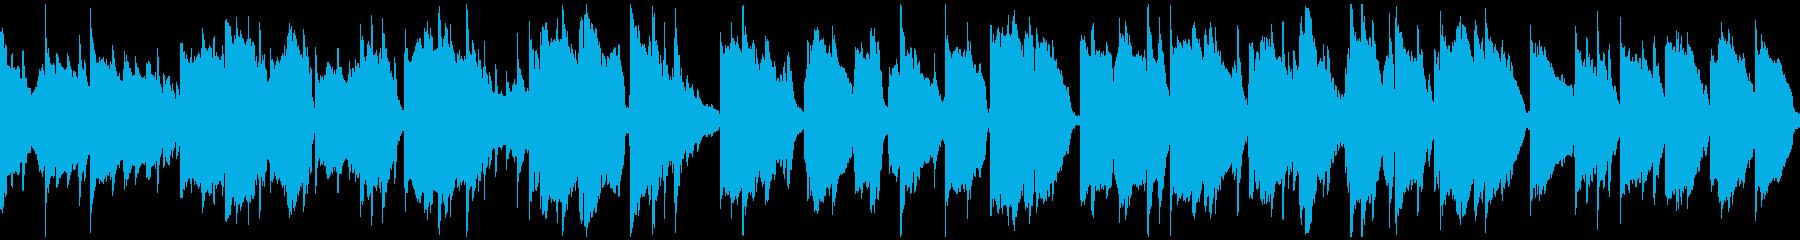 超ゆったり系イージーリスニング※ループ版の再生済みの波形